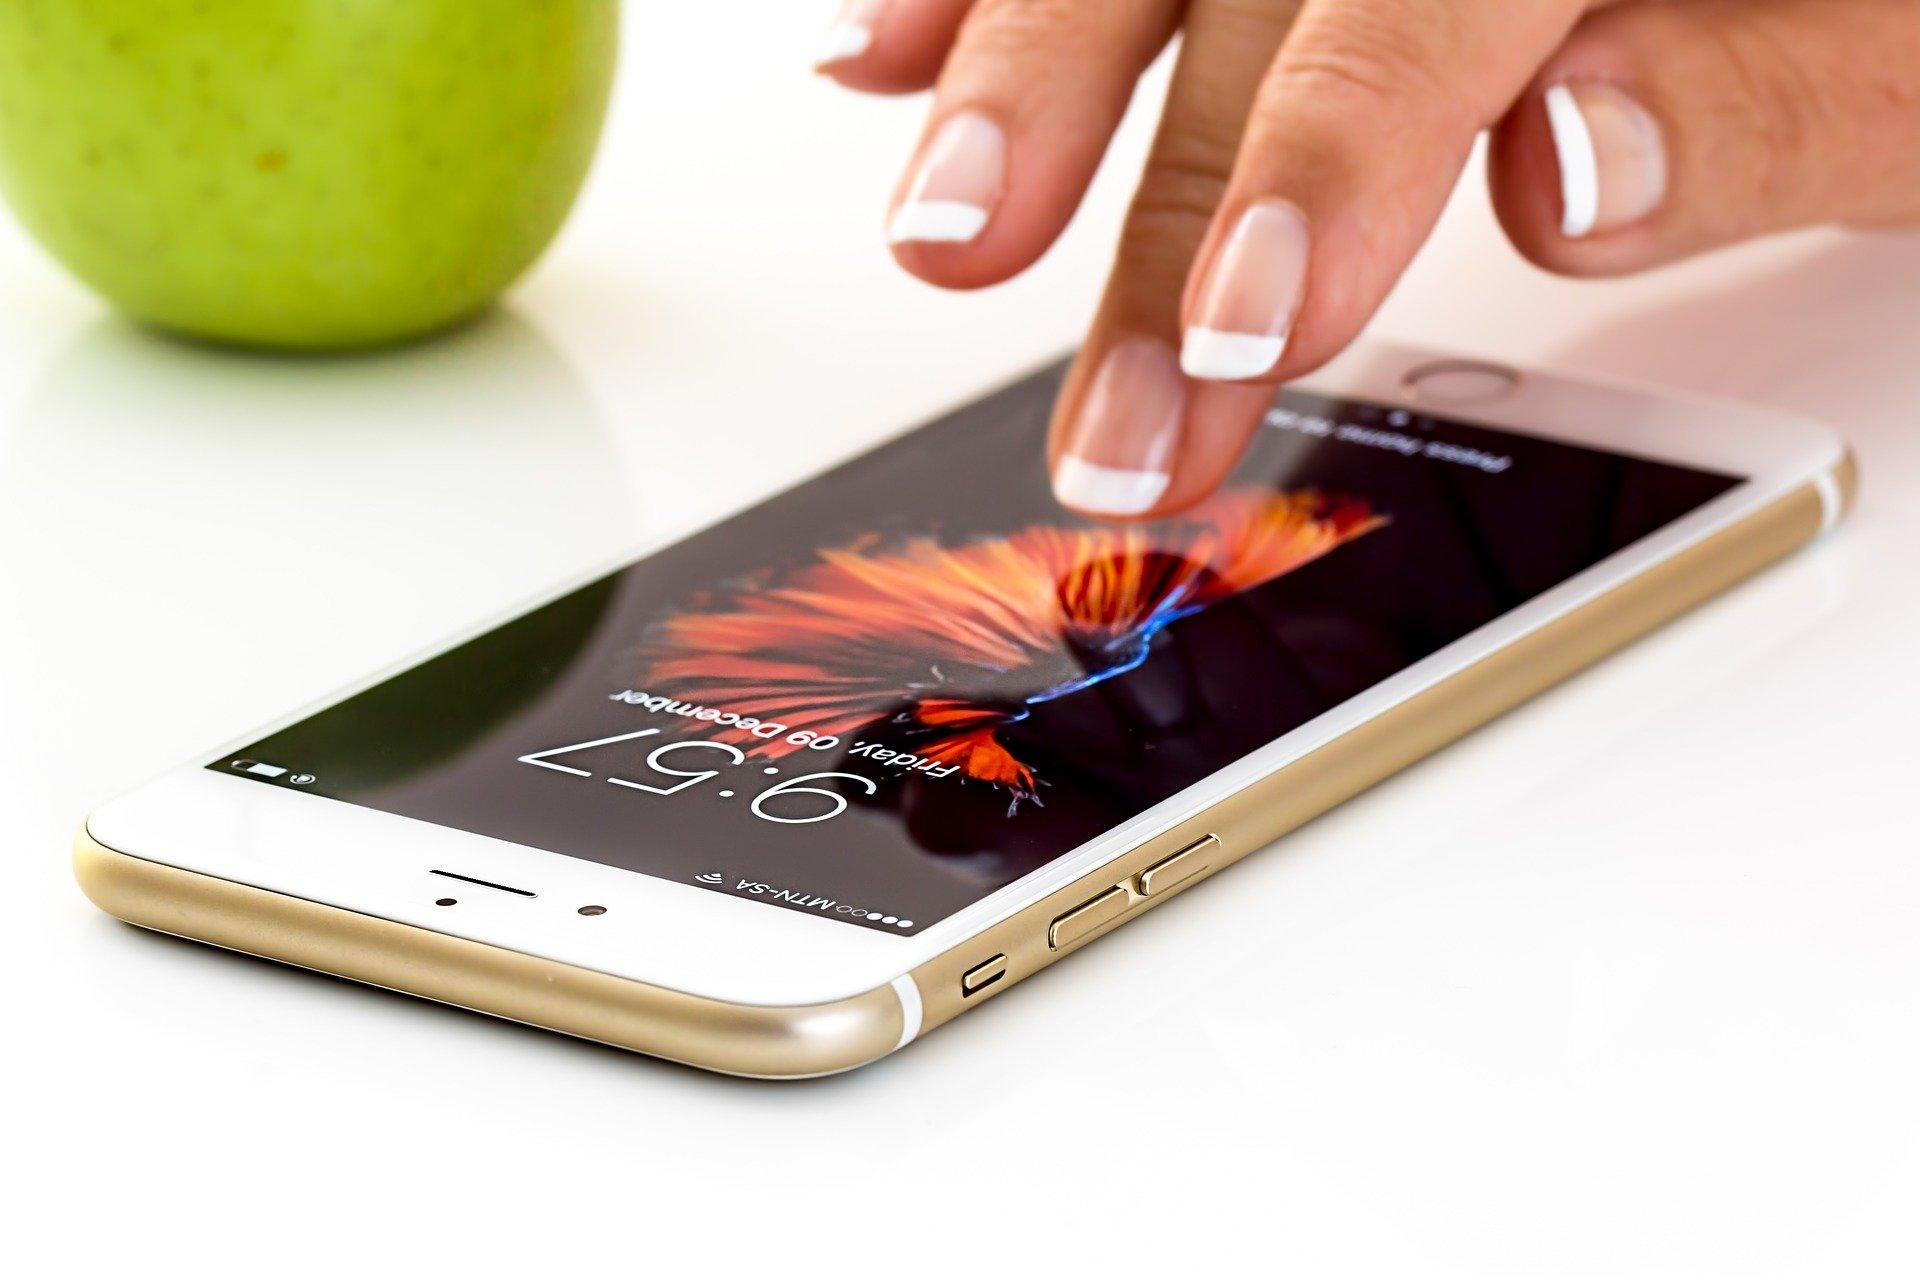 Vemos alguém prestes a tocar na tela de um smartphone que está sobre uma superfície branca (imagem ilustrativa).